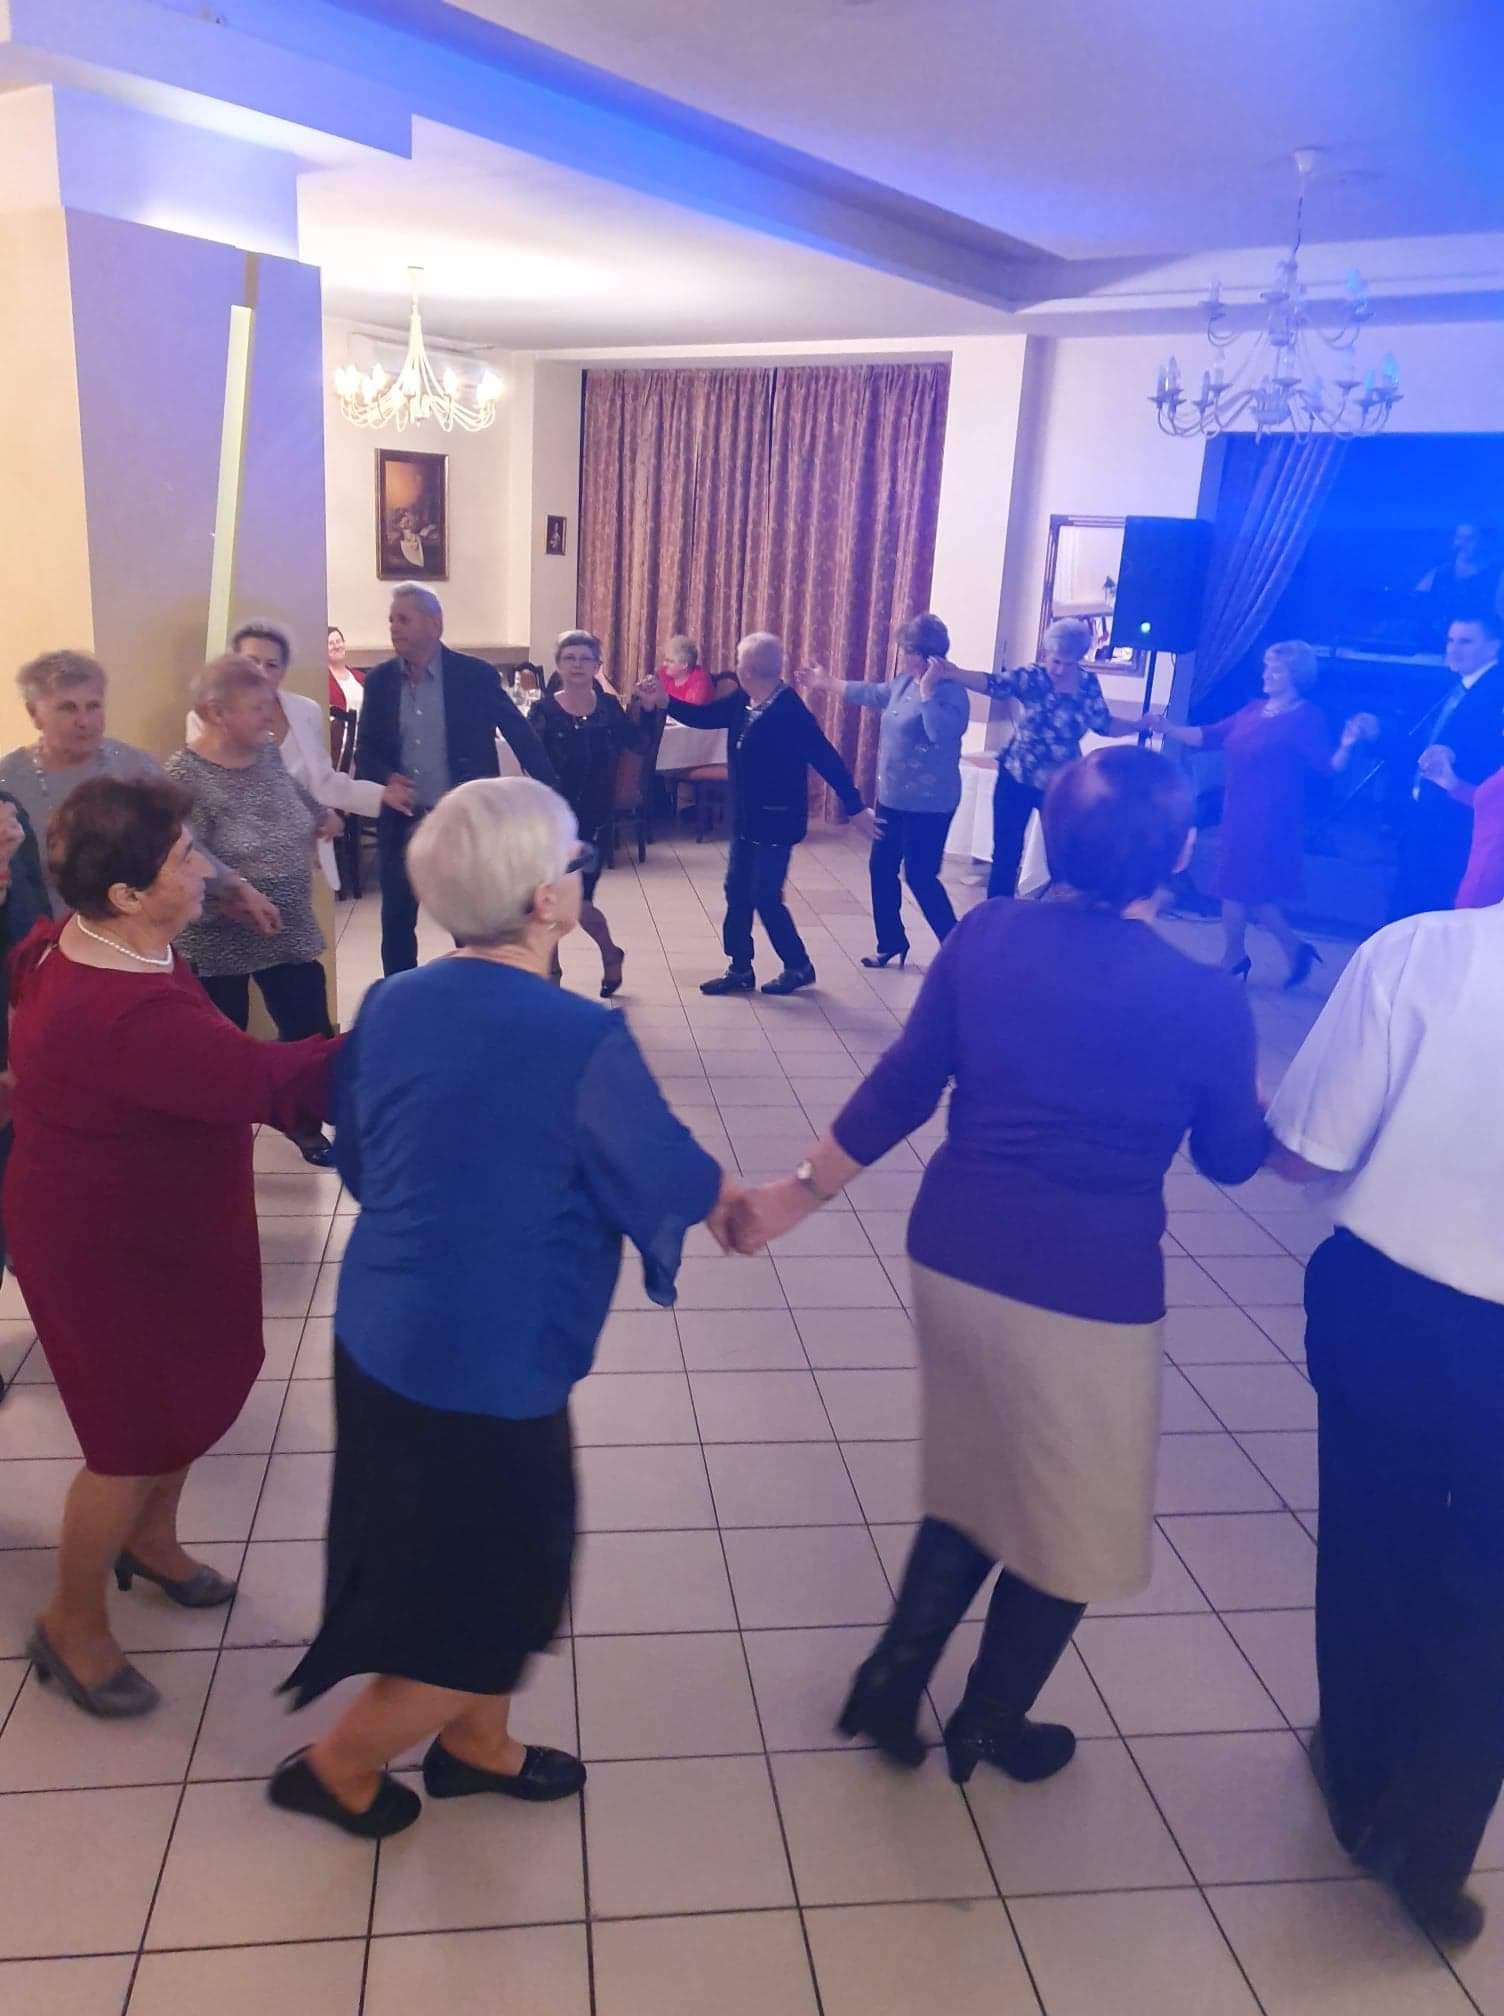 Dzień Seniora w Sołectwie Napachanie-Dalekie. Tańczący w kółku seniorzy trzymający się za ręce.